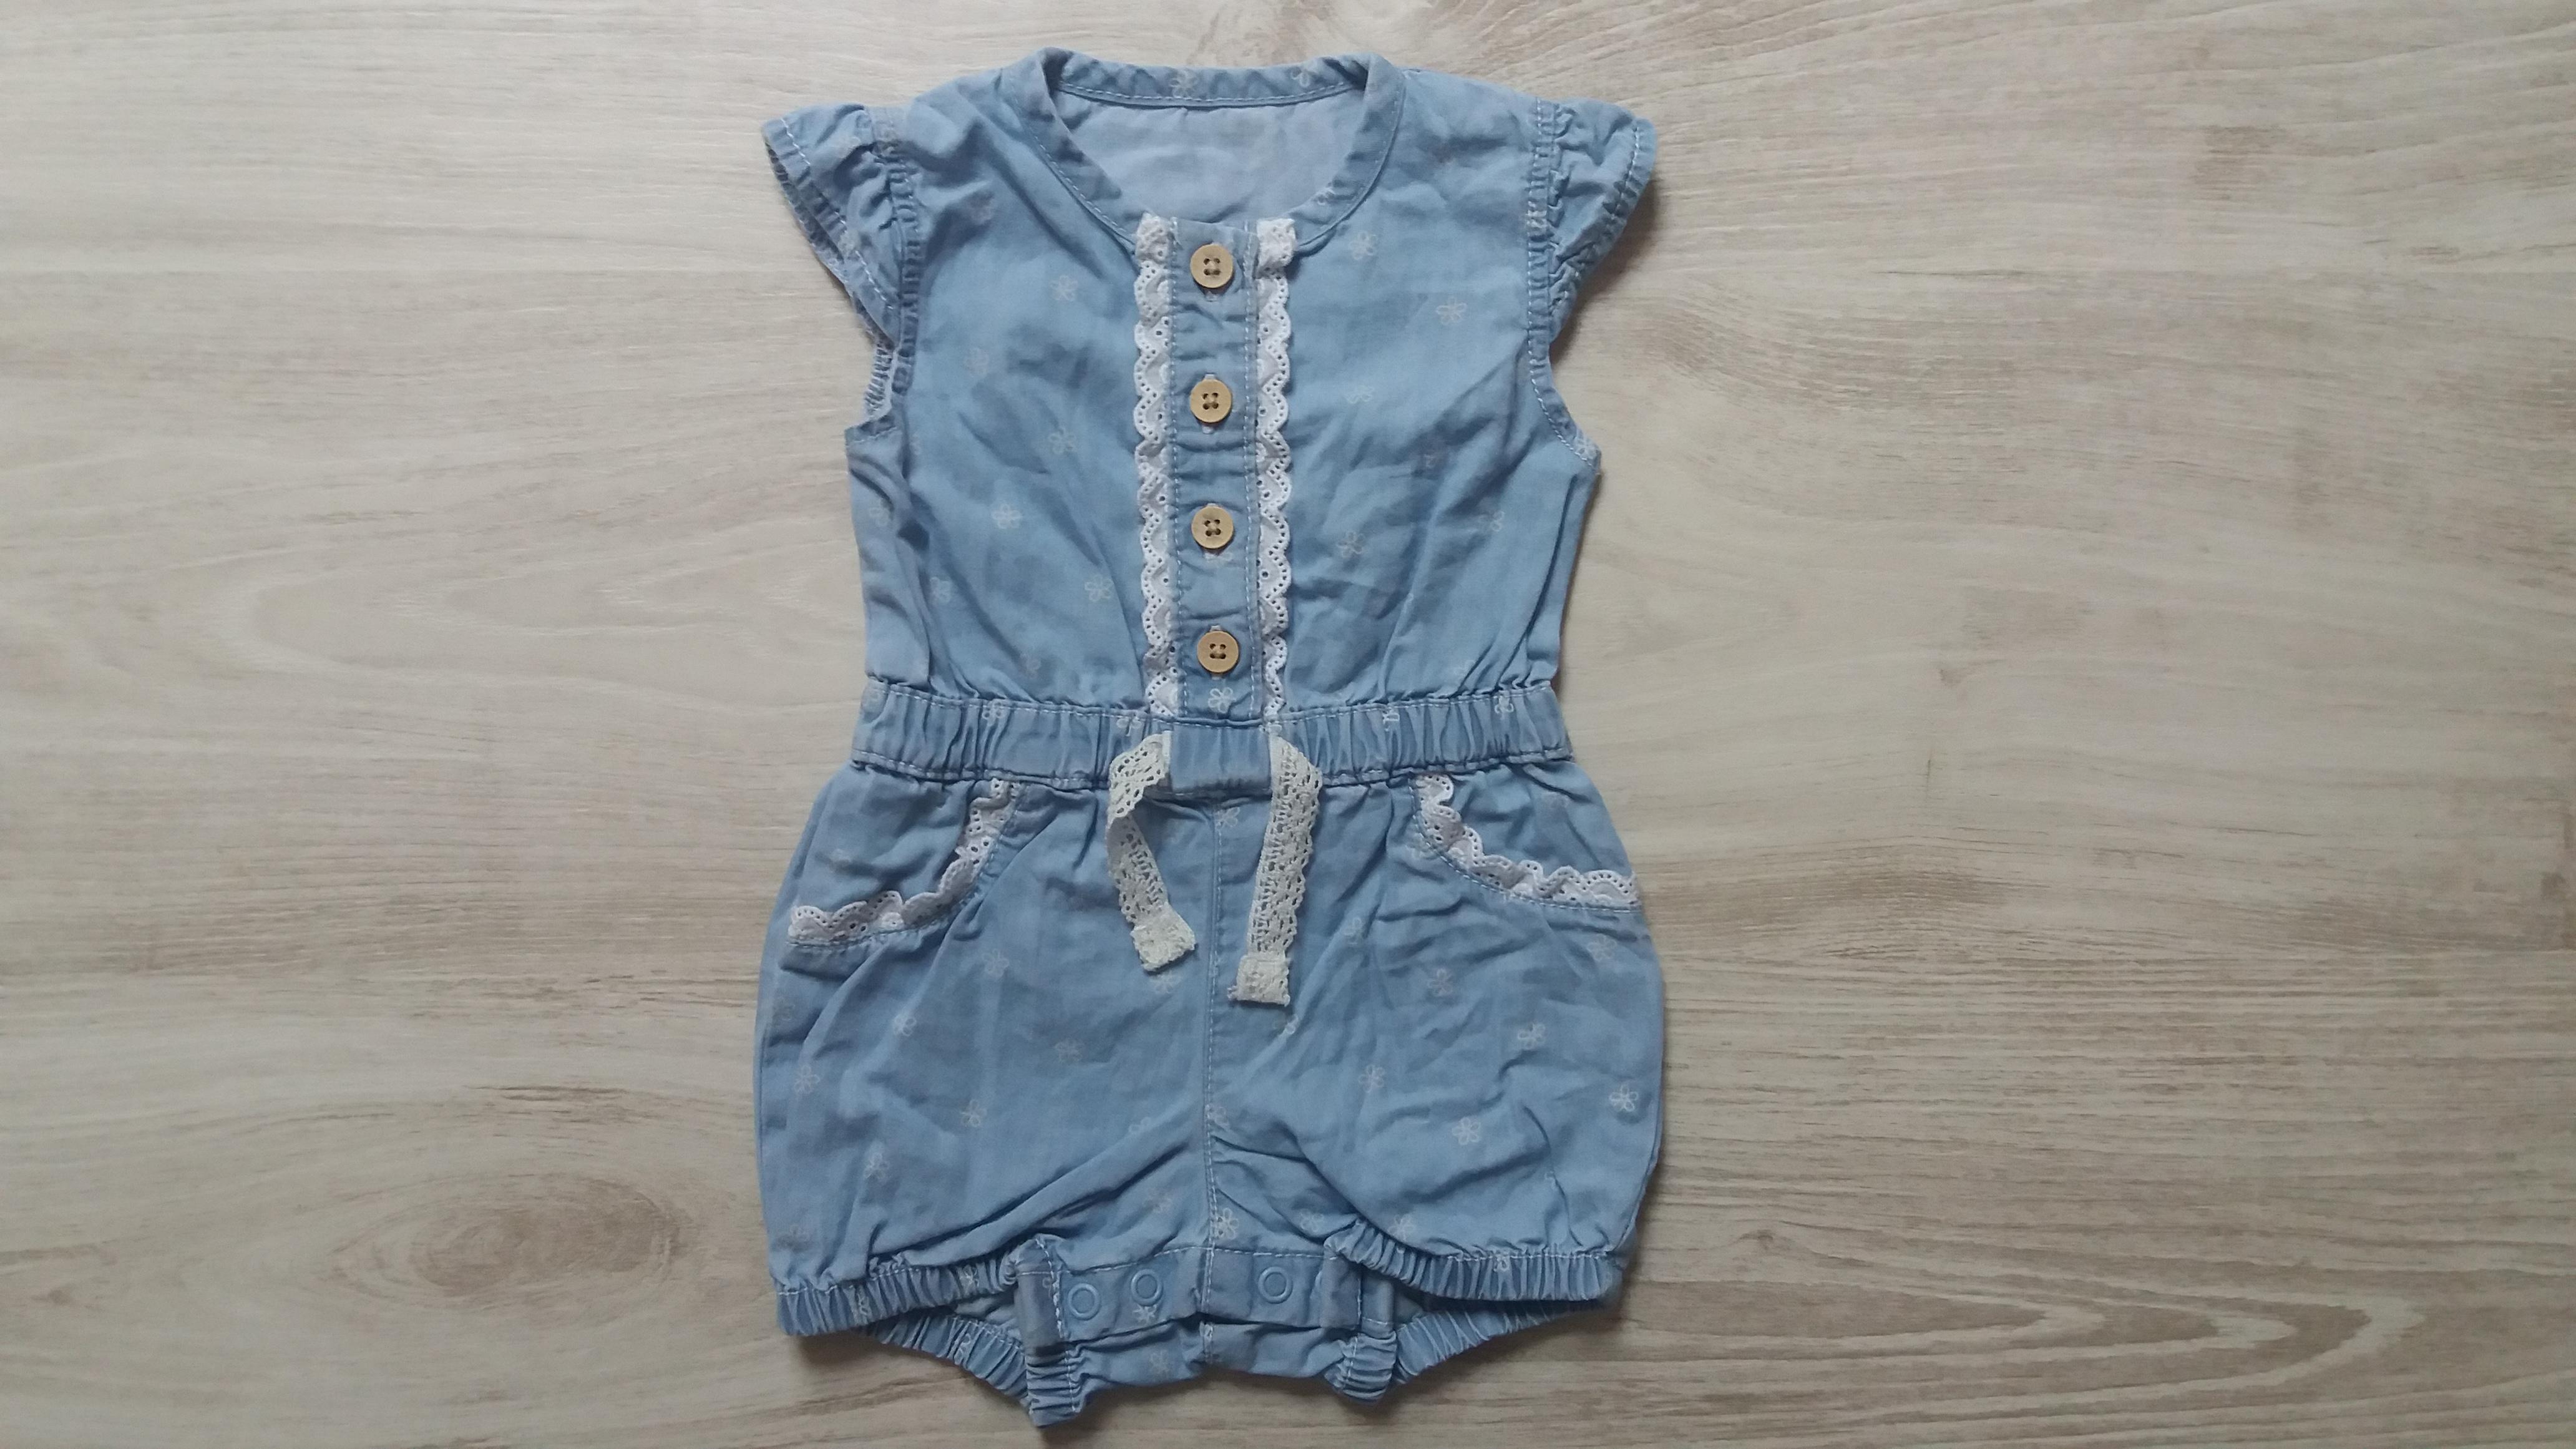 Kék ruha  62 (0-3 hó)   Lány ruhák     Lótusz Gyerekruha Webshop 5714b16ec2